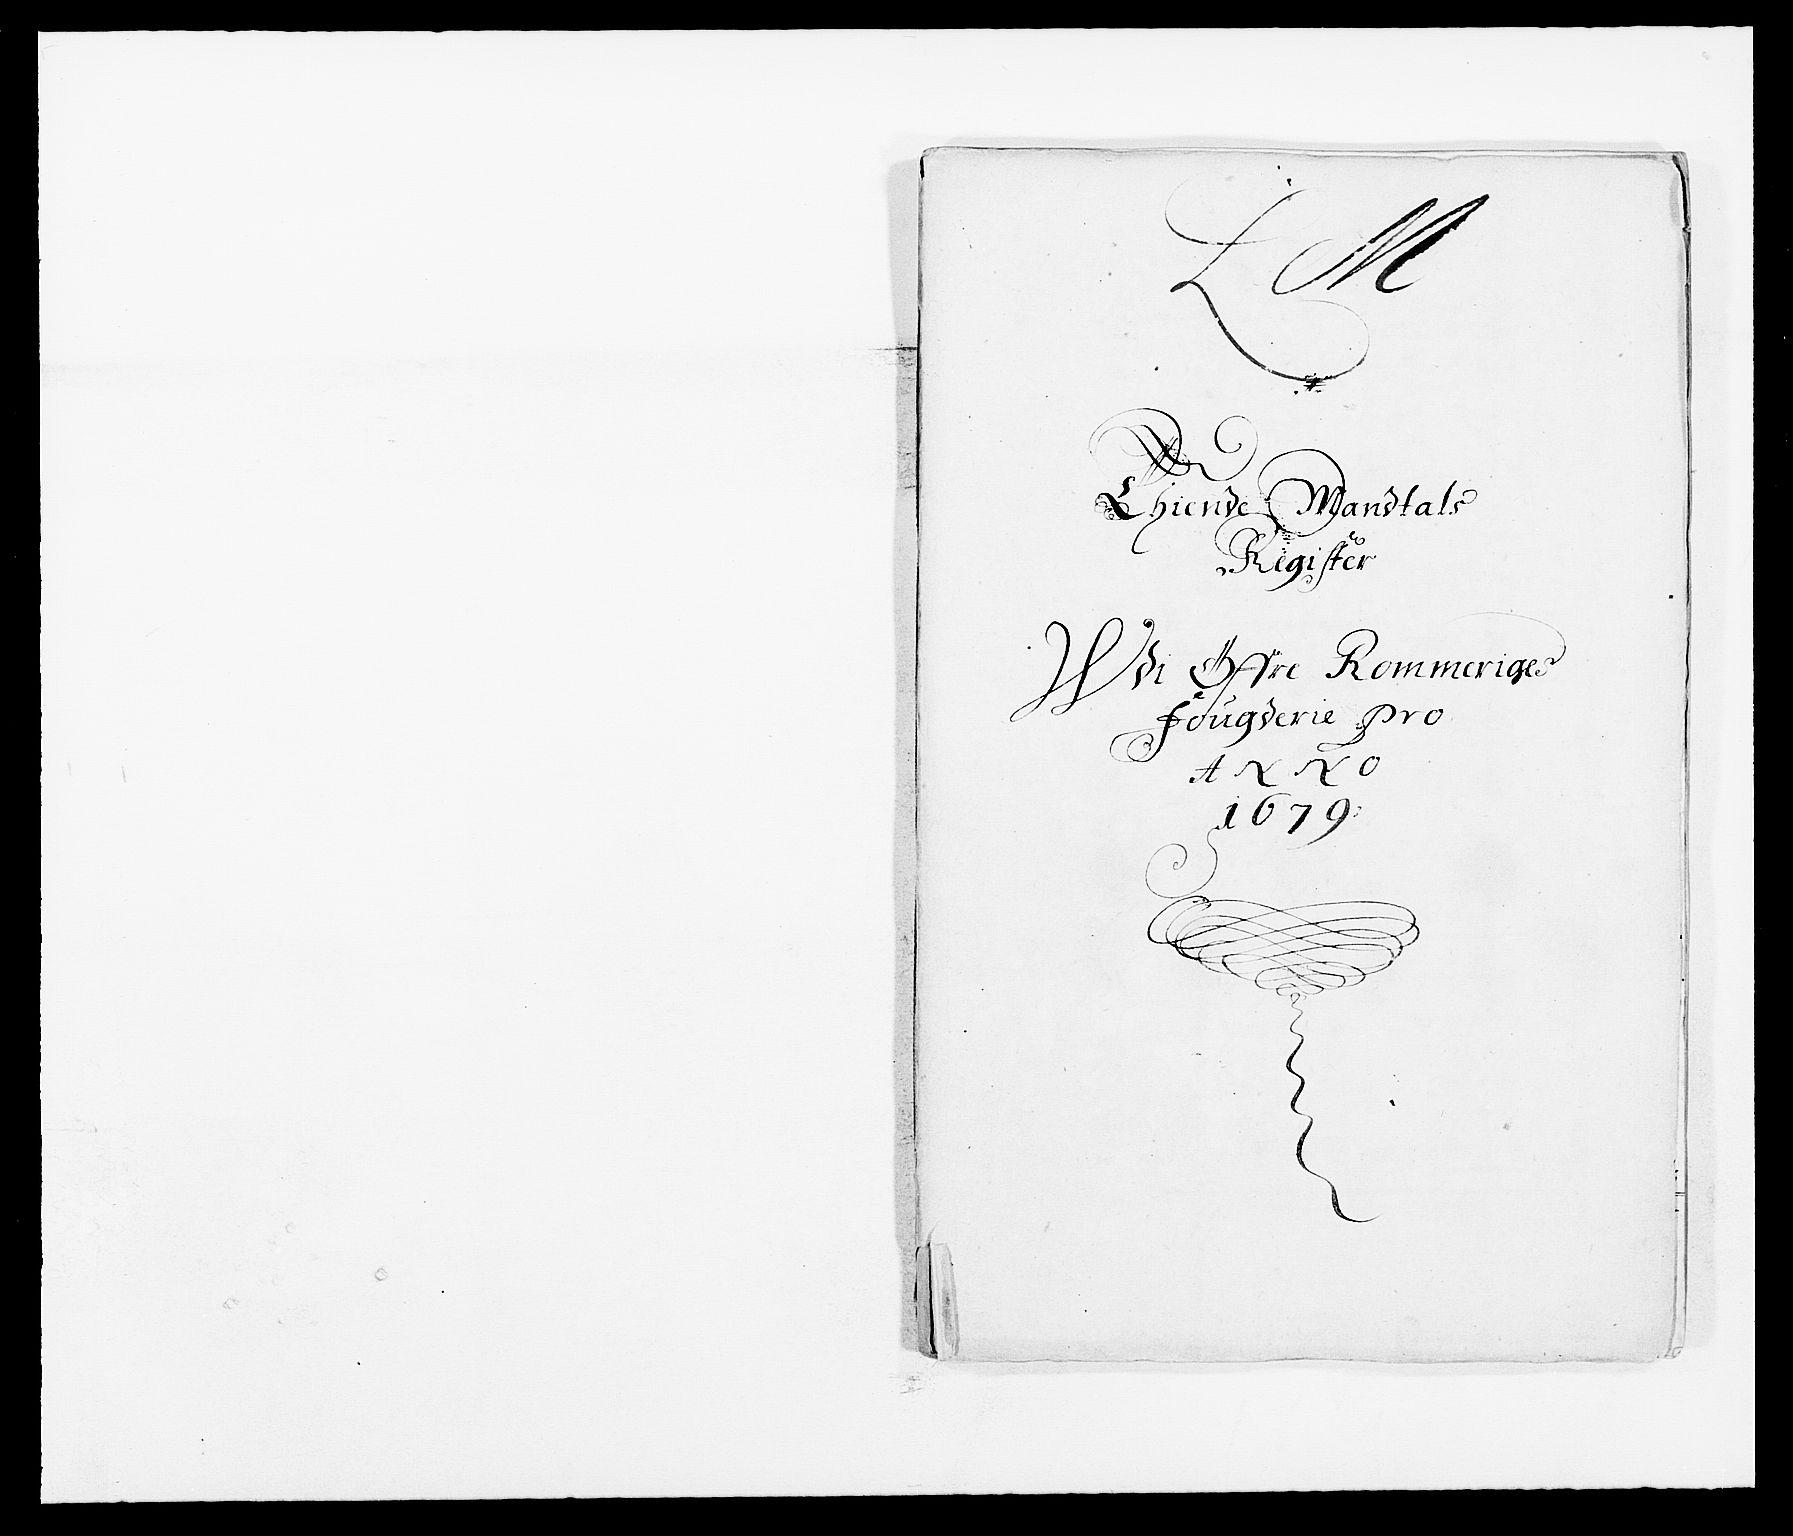 RA, Rentekammeret inntil 1814, Reviderte regnskaper, Fogderegnskap, R12/L0693: Fogderegnskap Øvre Romerike, 1678-1679, s. 356